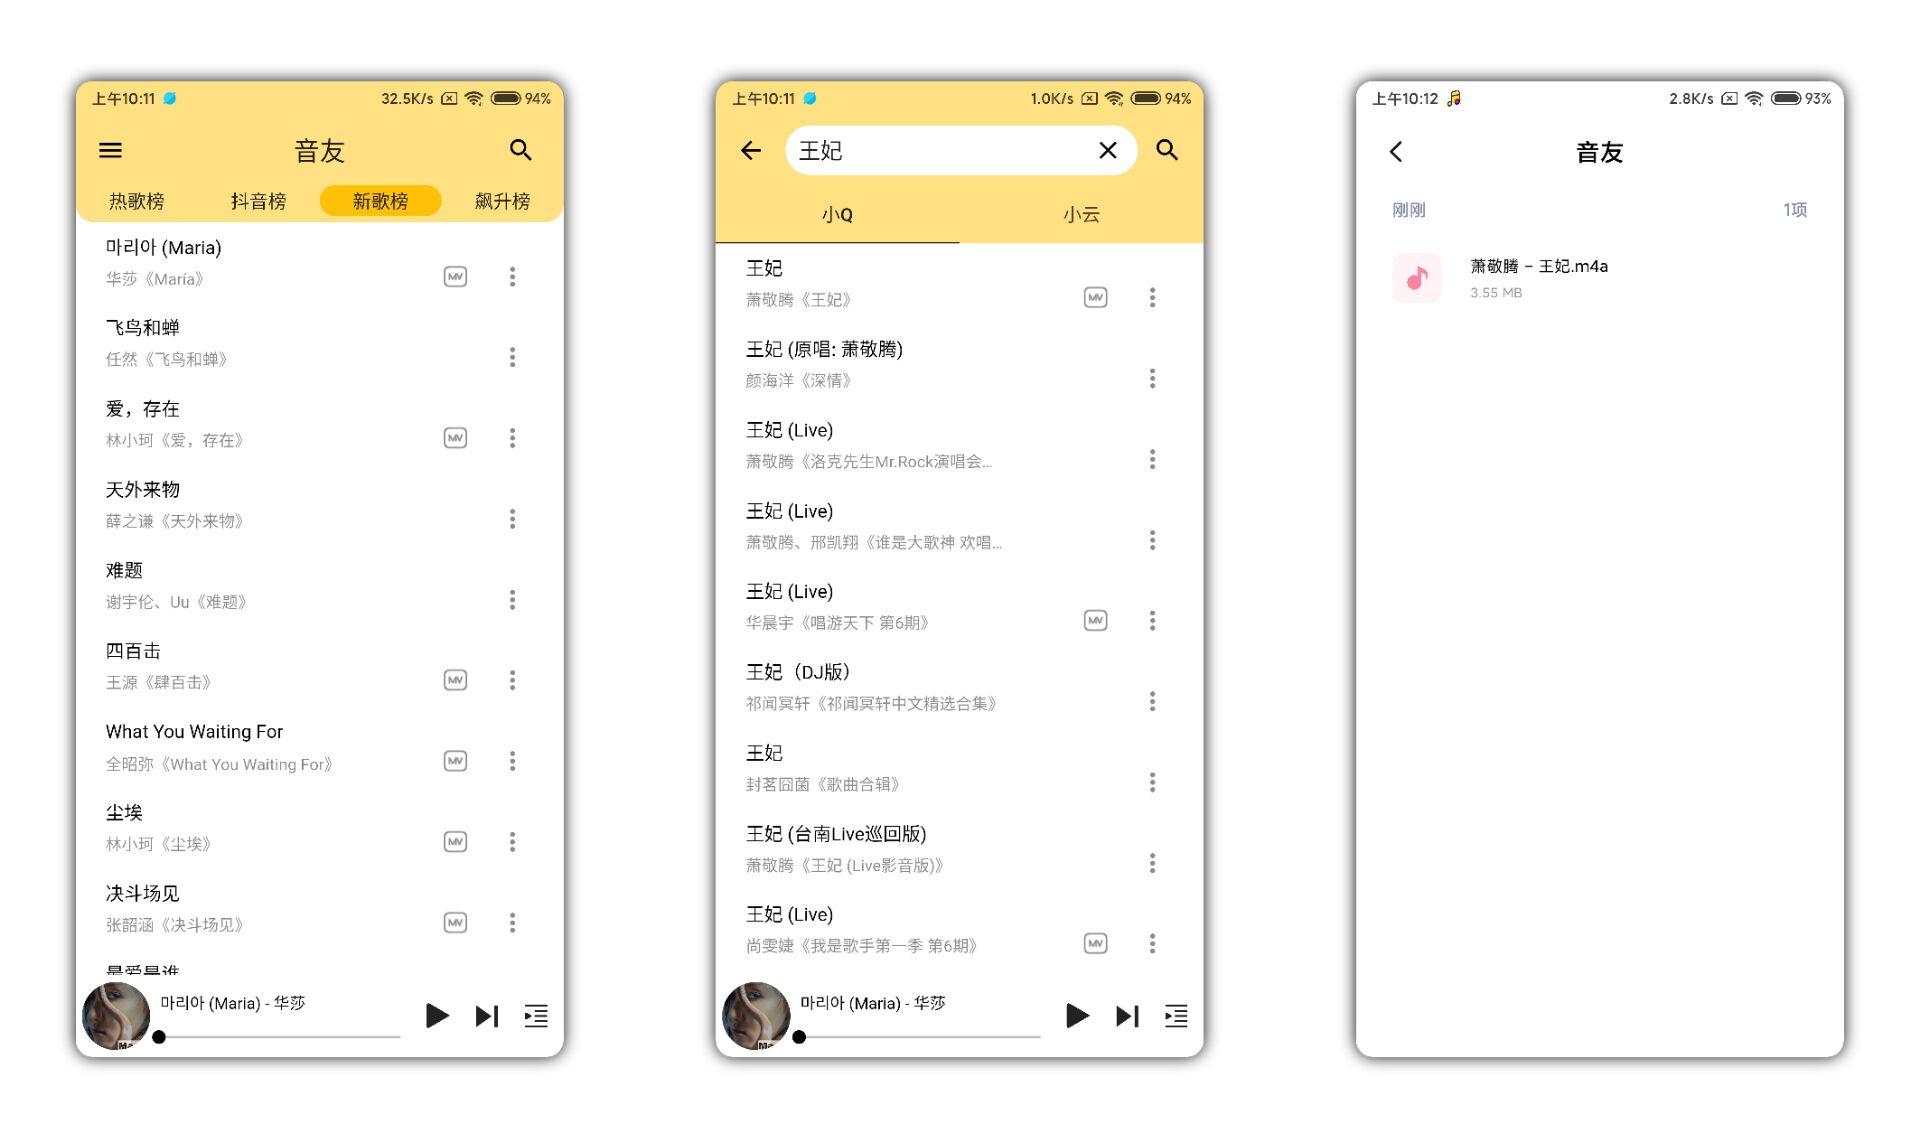 【音友】全网音乐免费听 支持无损音质下载